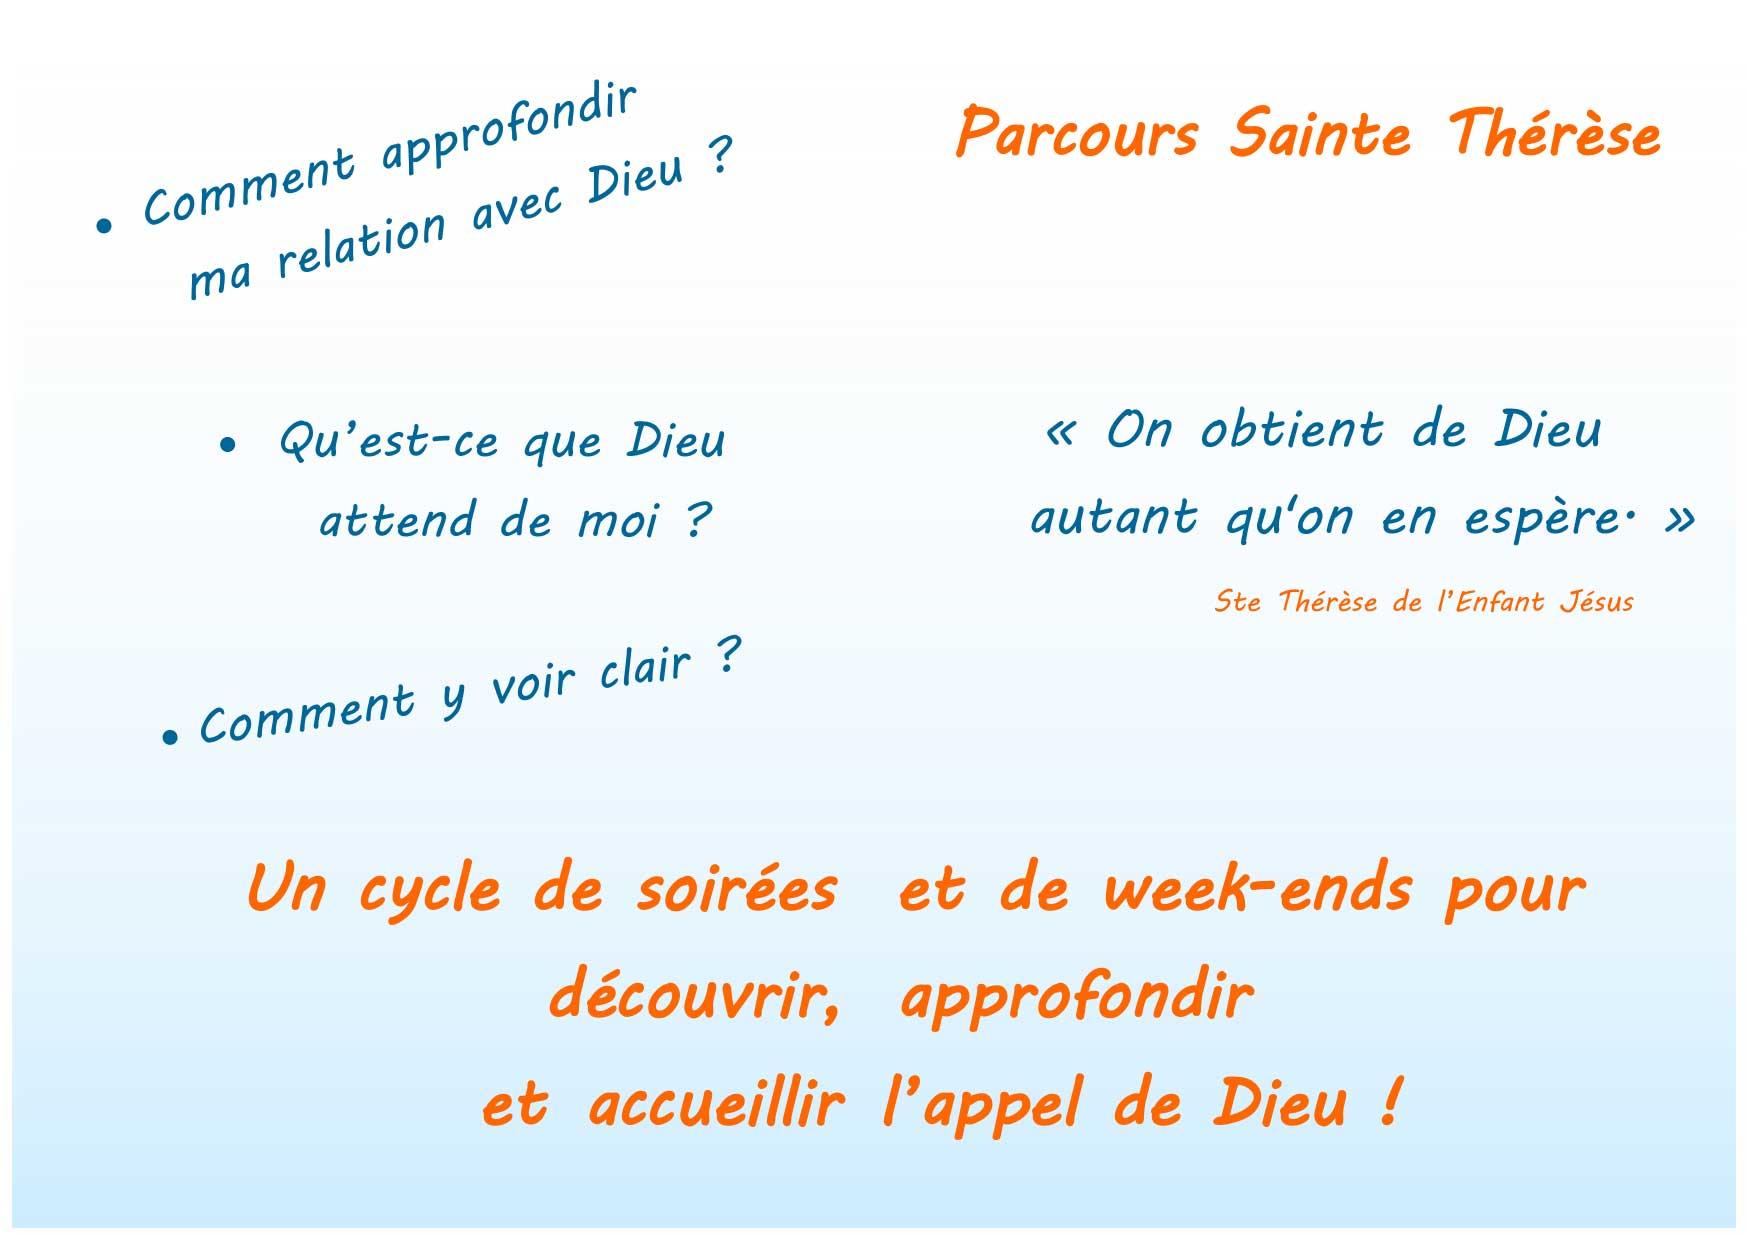 Flyer-Parcours_St_Thérèse_14-15-verso